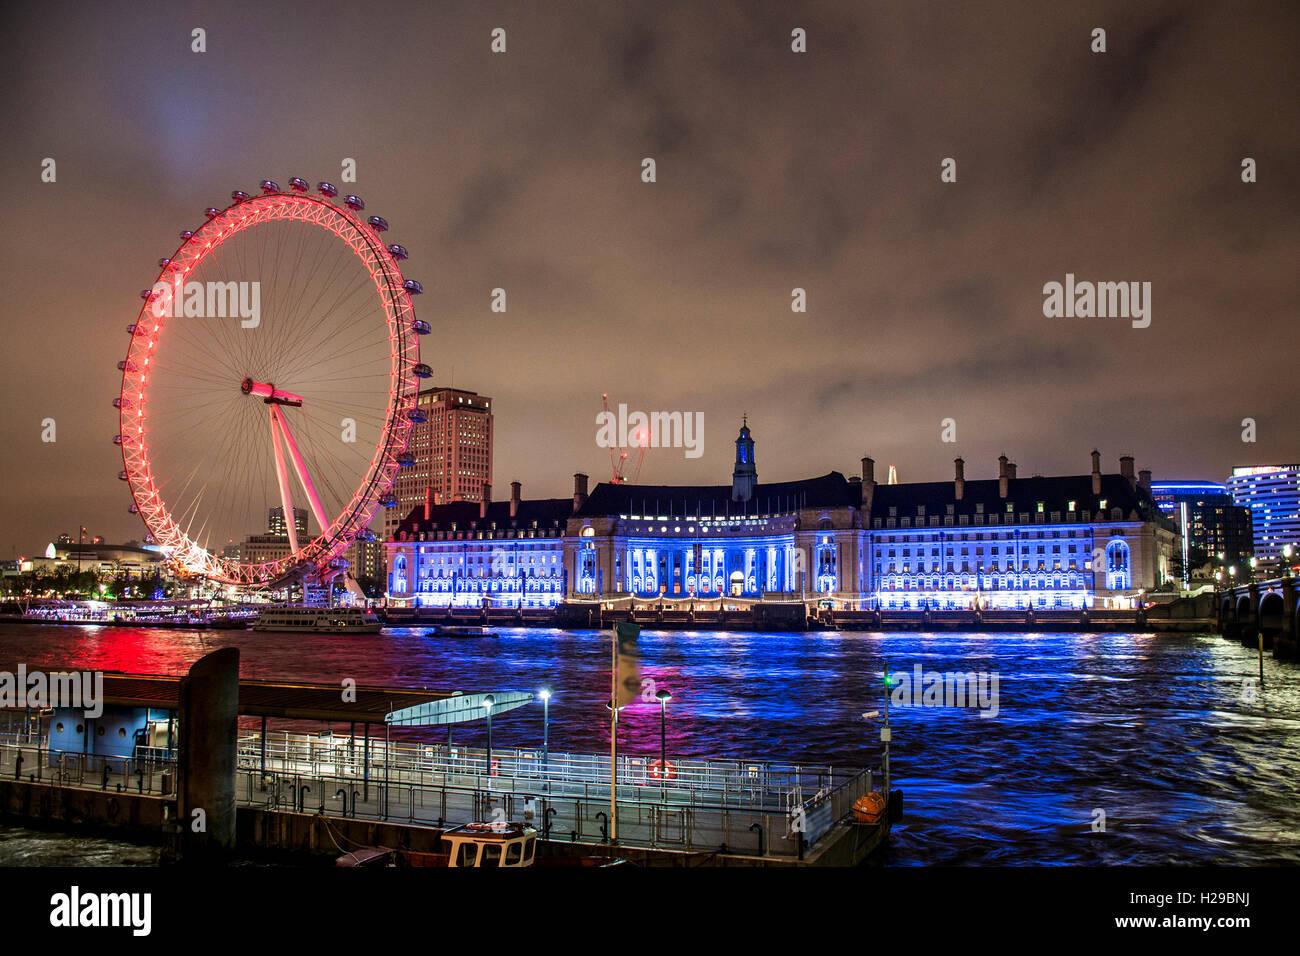 Das London Eye Riesenrad beleuchtet Stadt Nachtaufnahme Stockbild